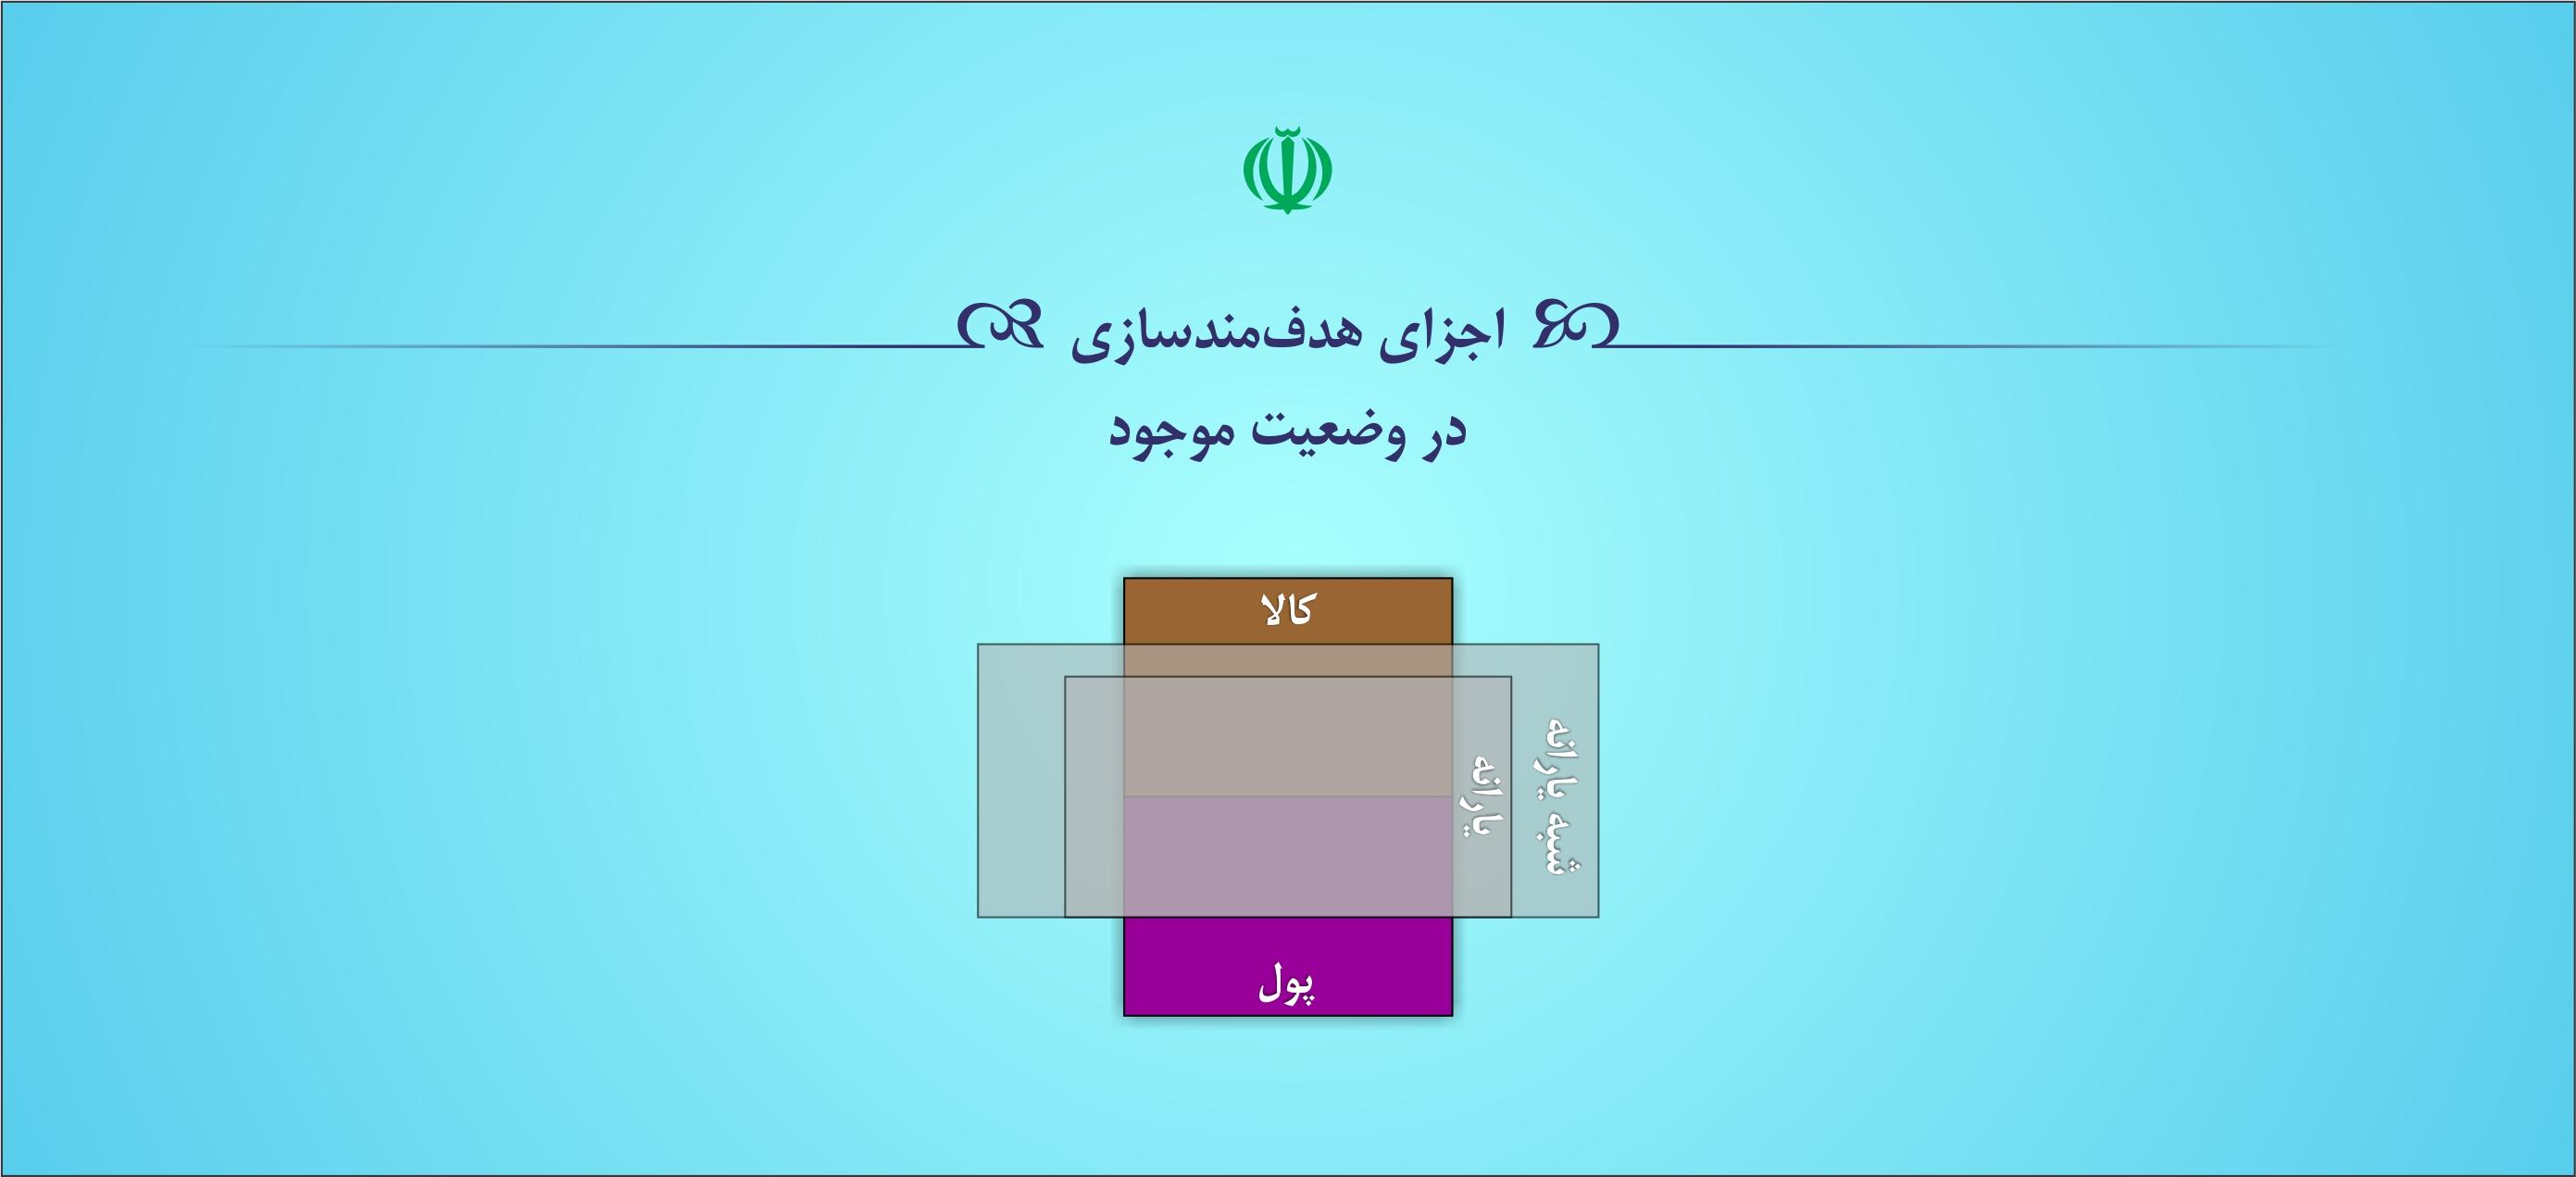 hadafmandi-03-02